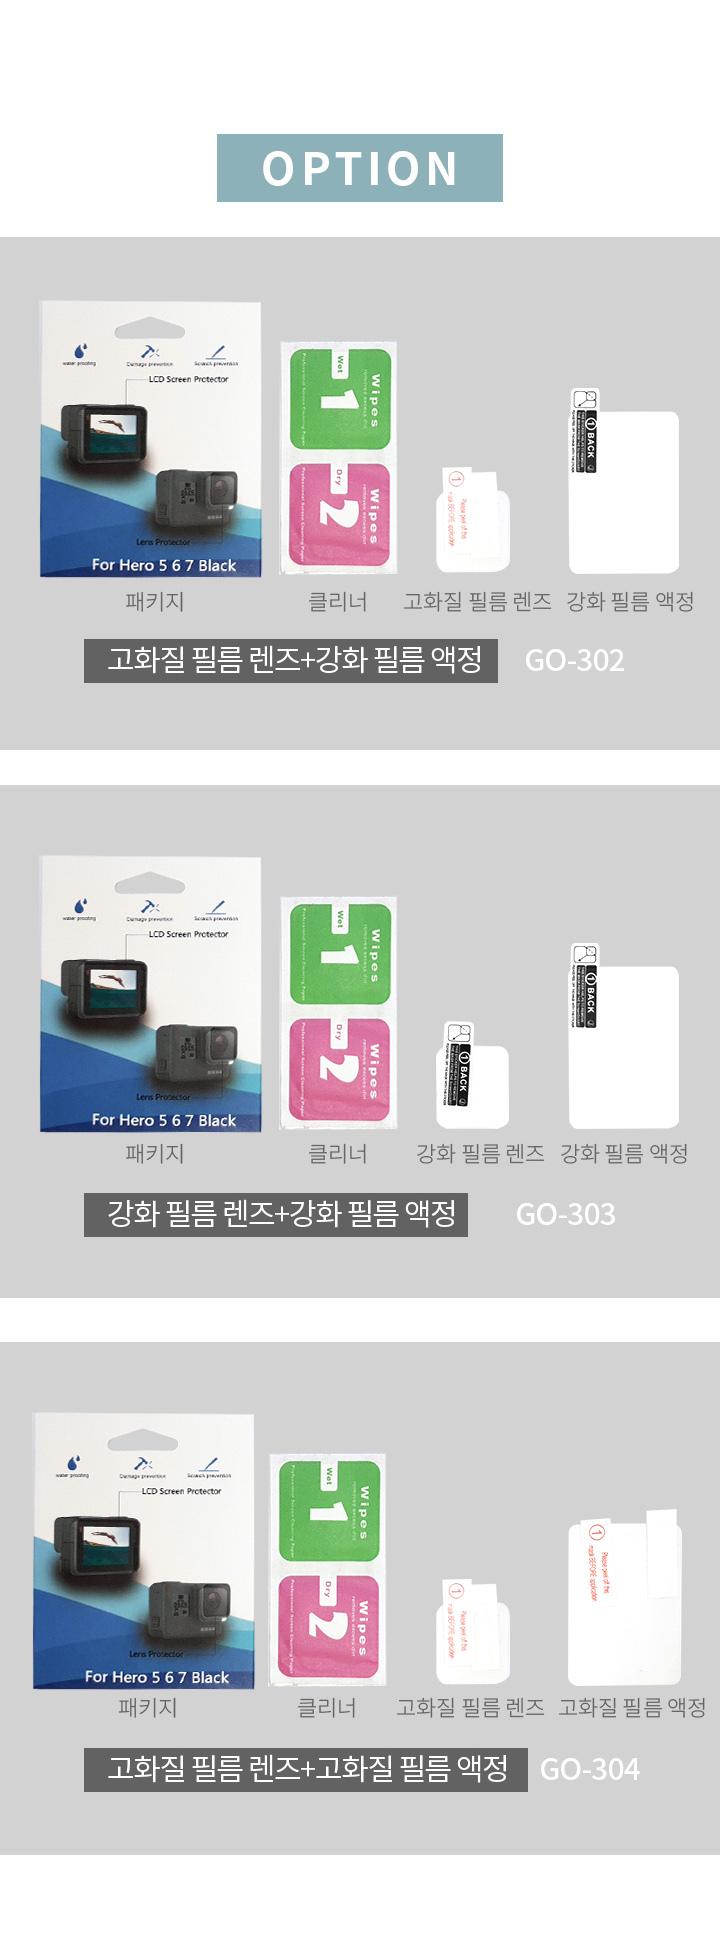 GO-302_%EC%83%81%EC%84%B85.jpg